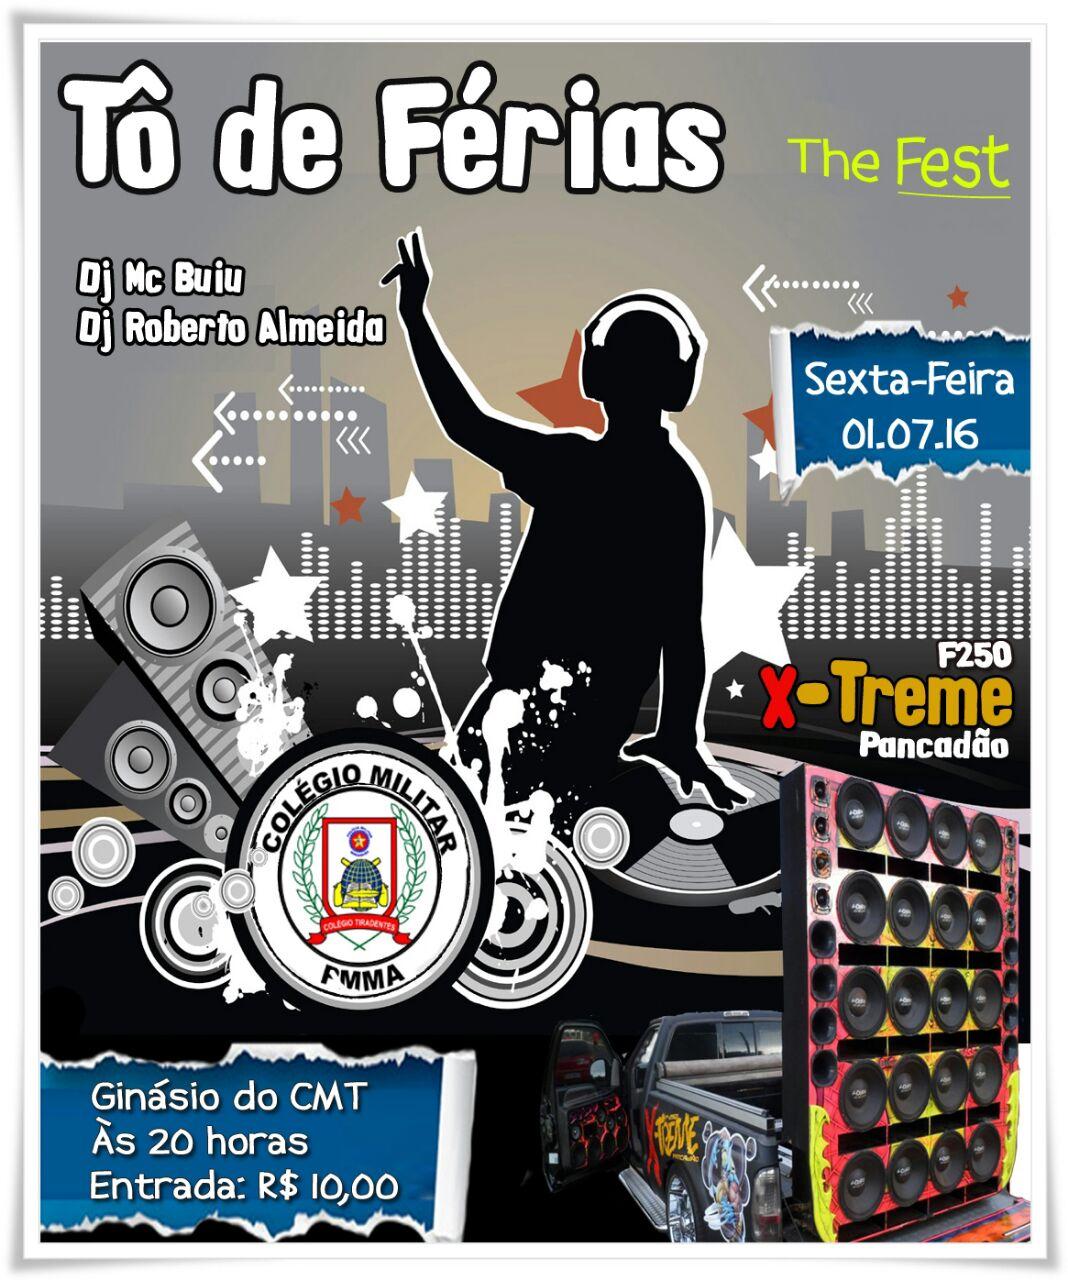 Tô de férias com DJ Buiu e DJ Roberto Almeida.